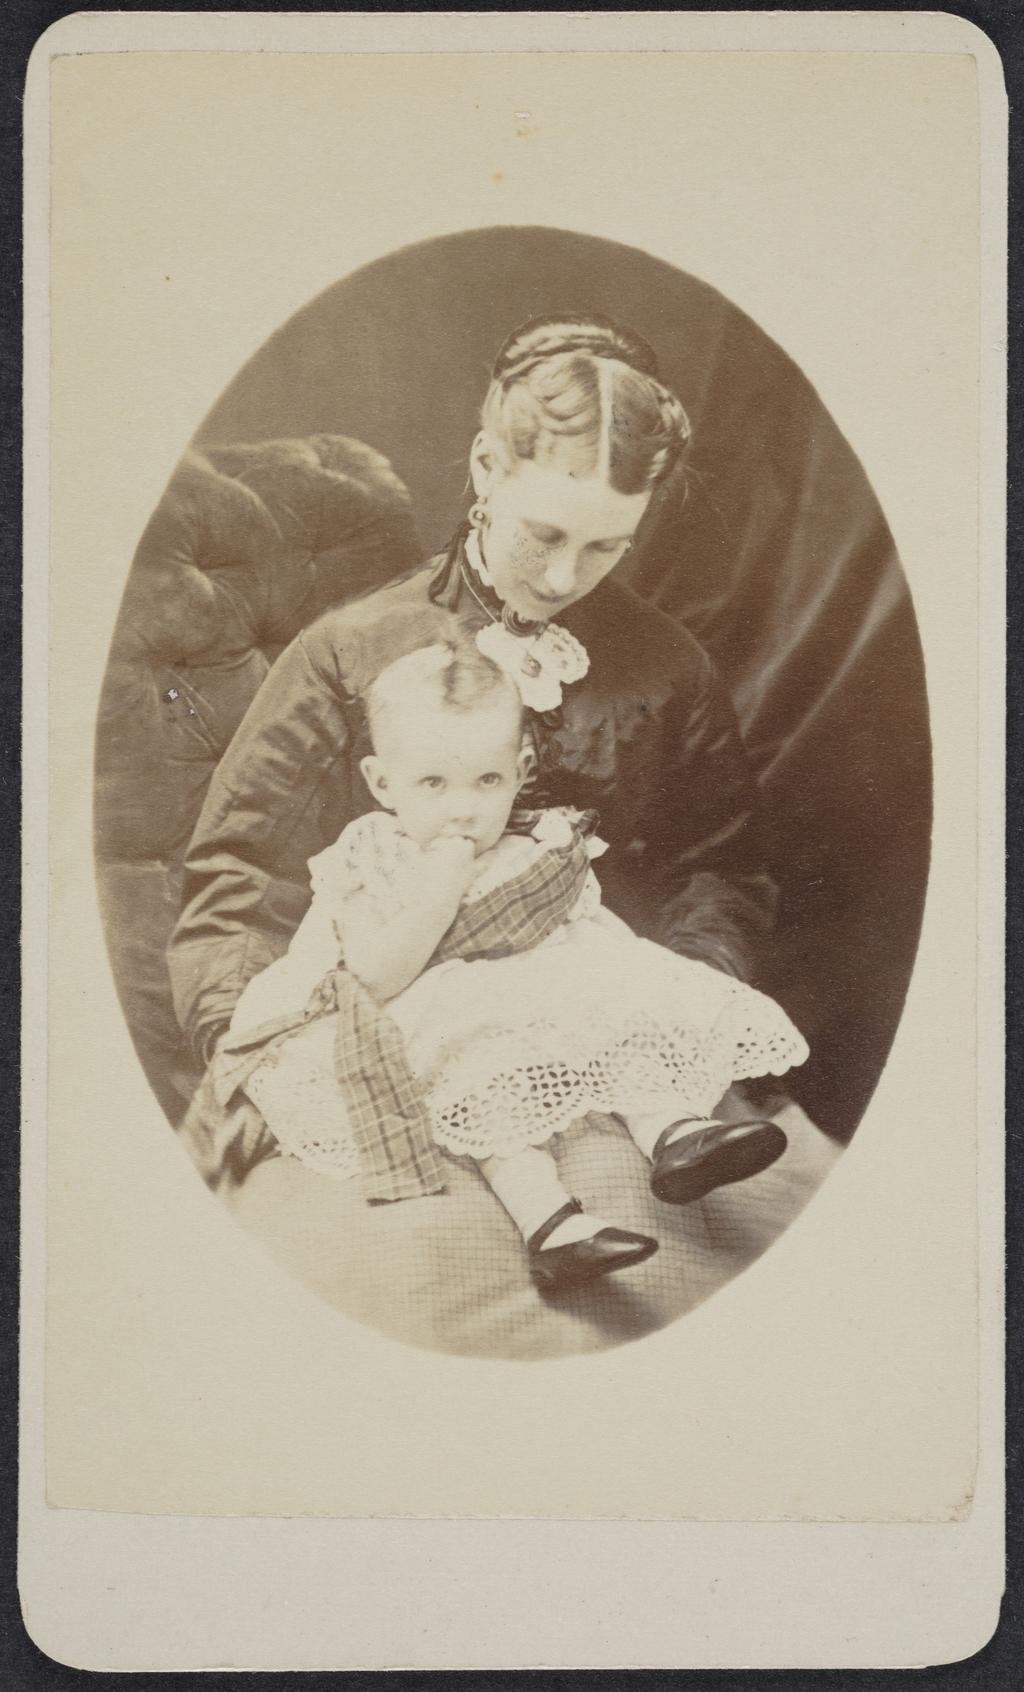 Portrait d'une femme et de son enfant, de l'album de collection dit de Richard Alleyn